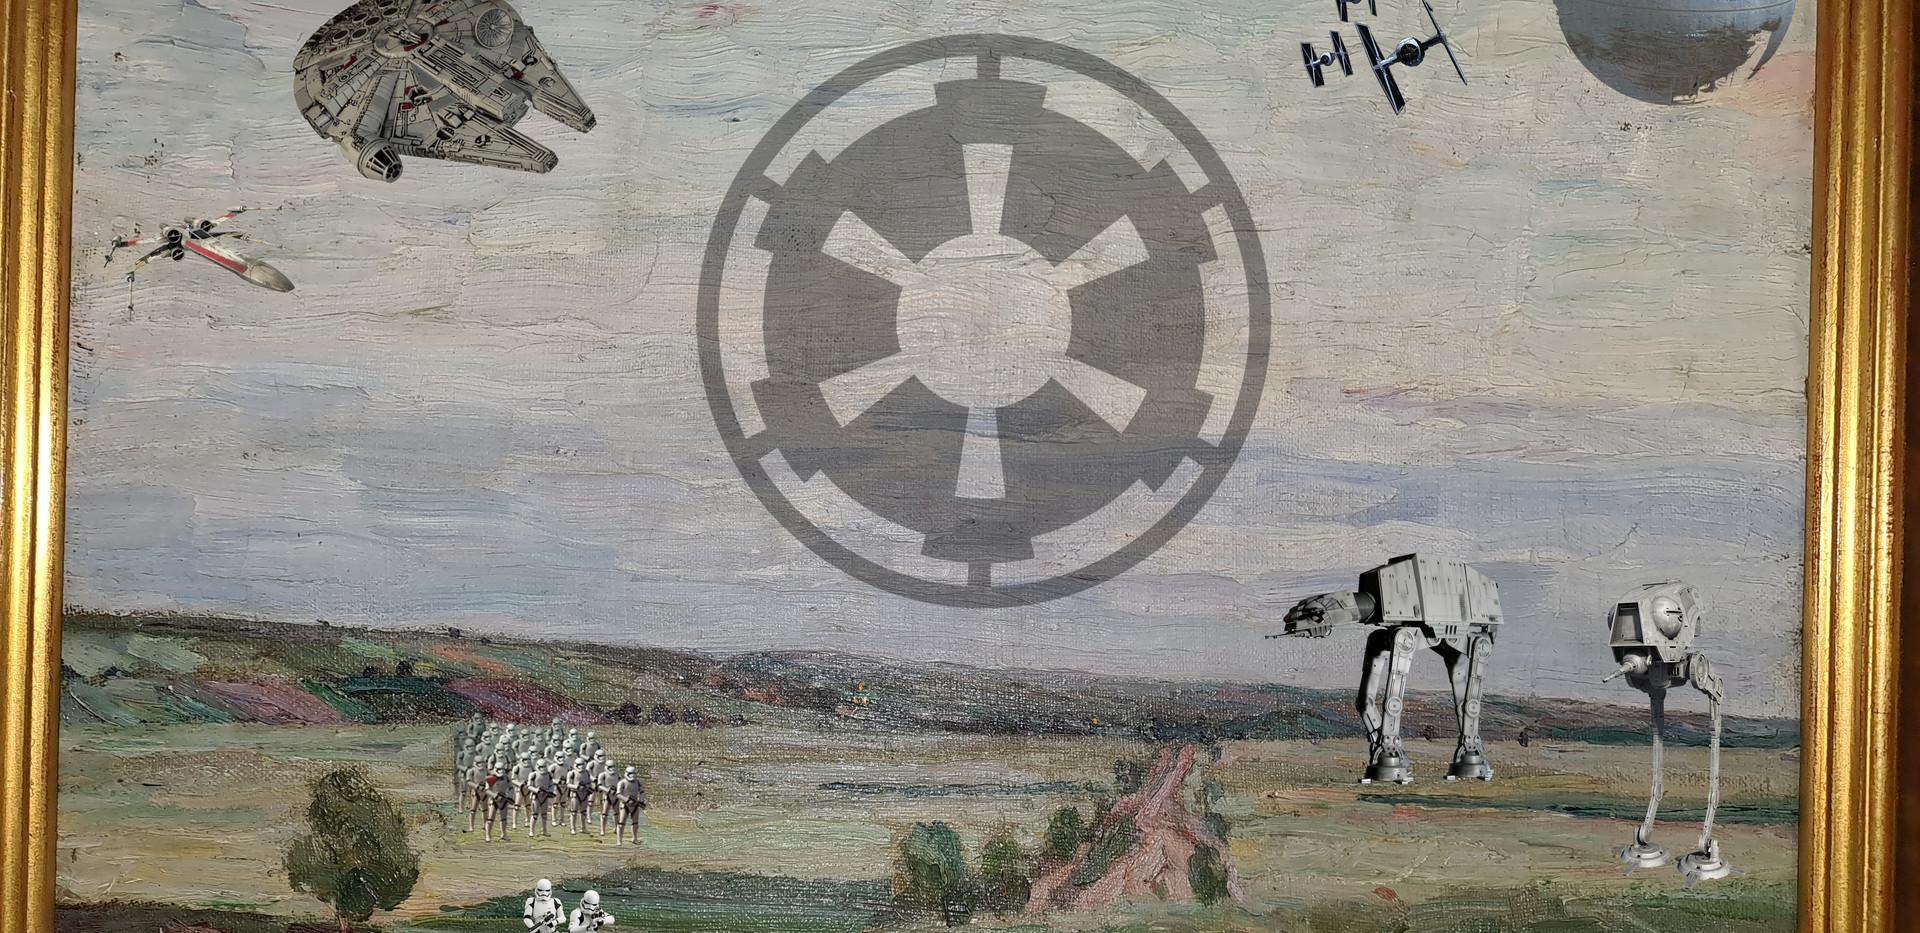 STAR WARS REUSED